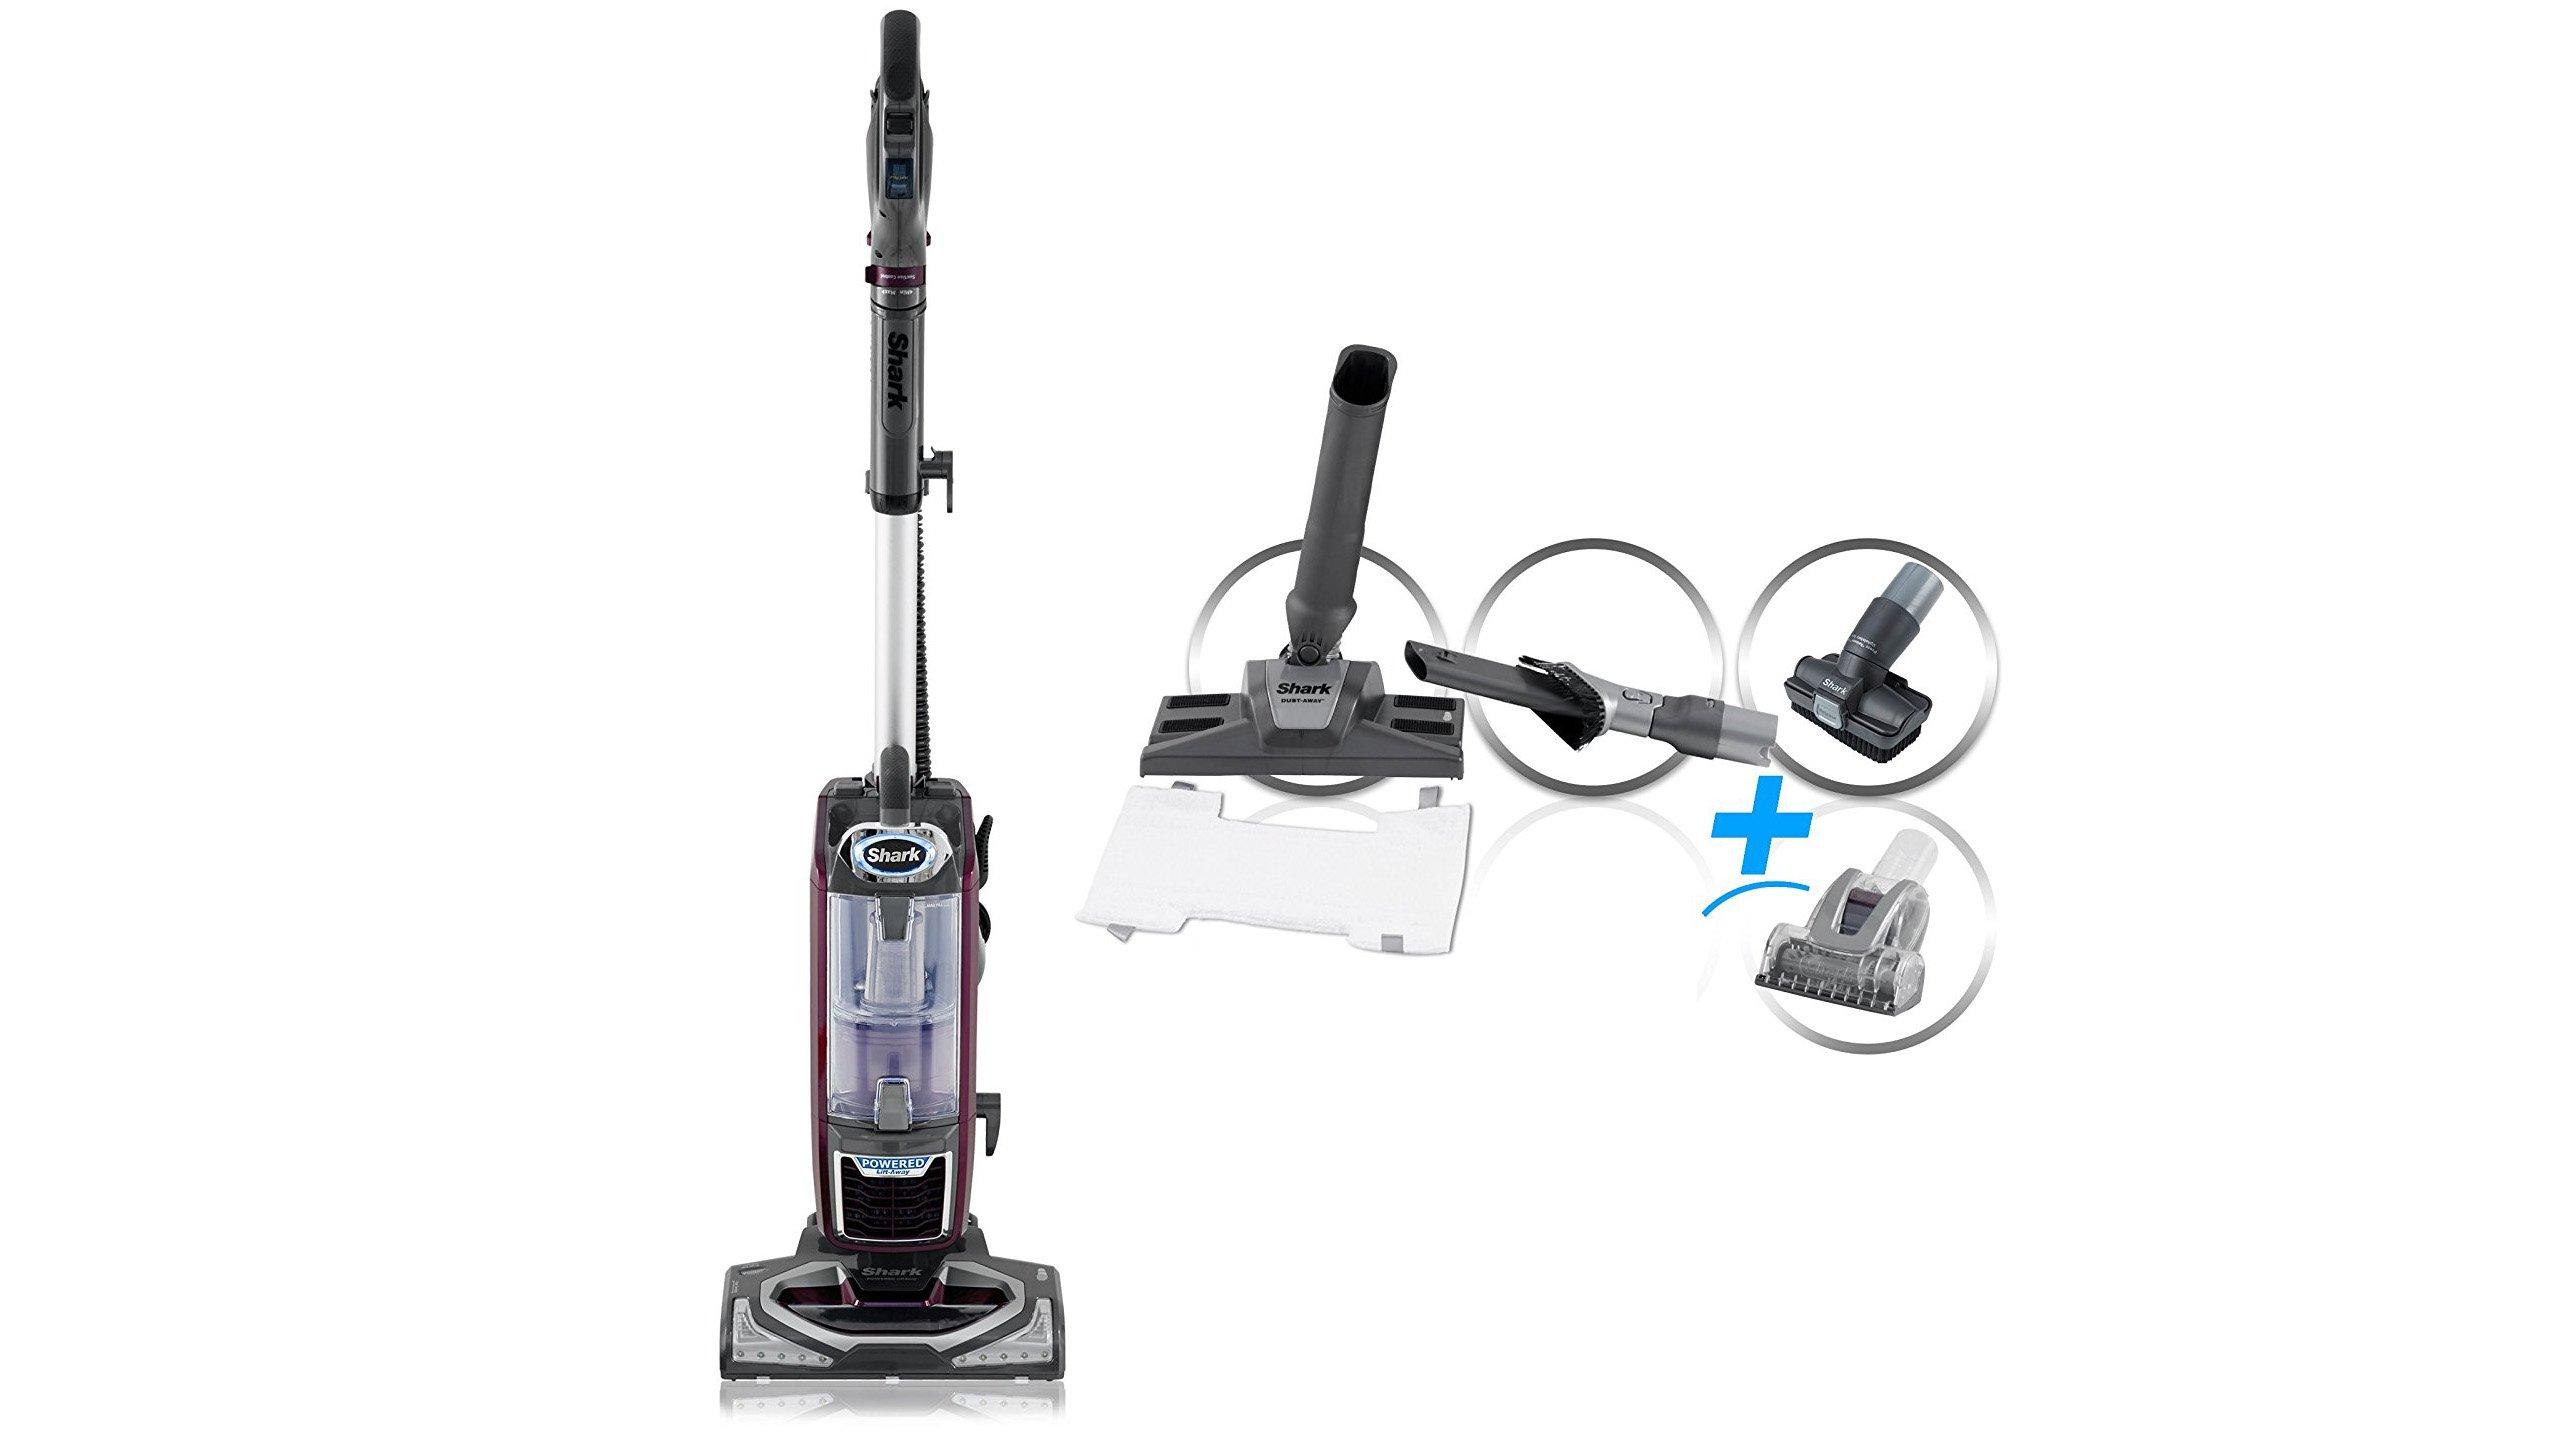 Vacuum cleaner deals black friday 2018